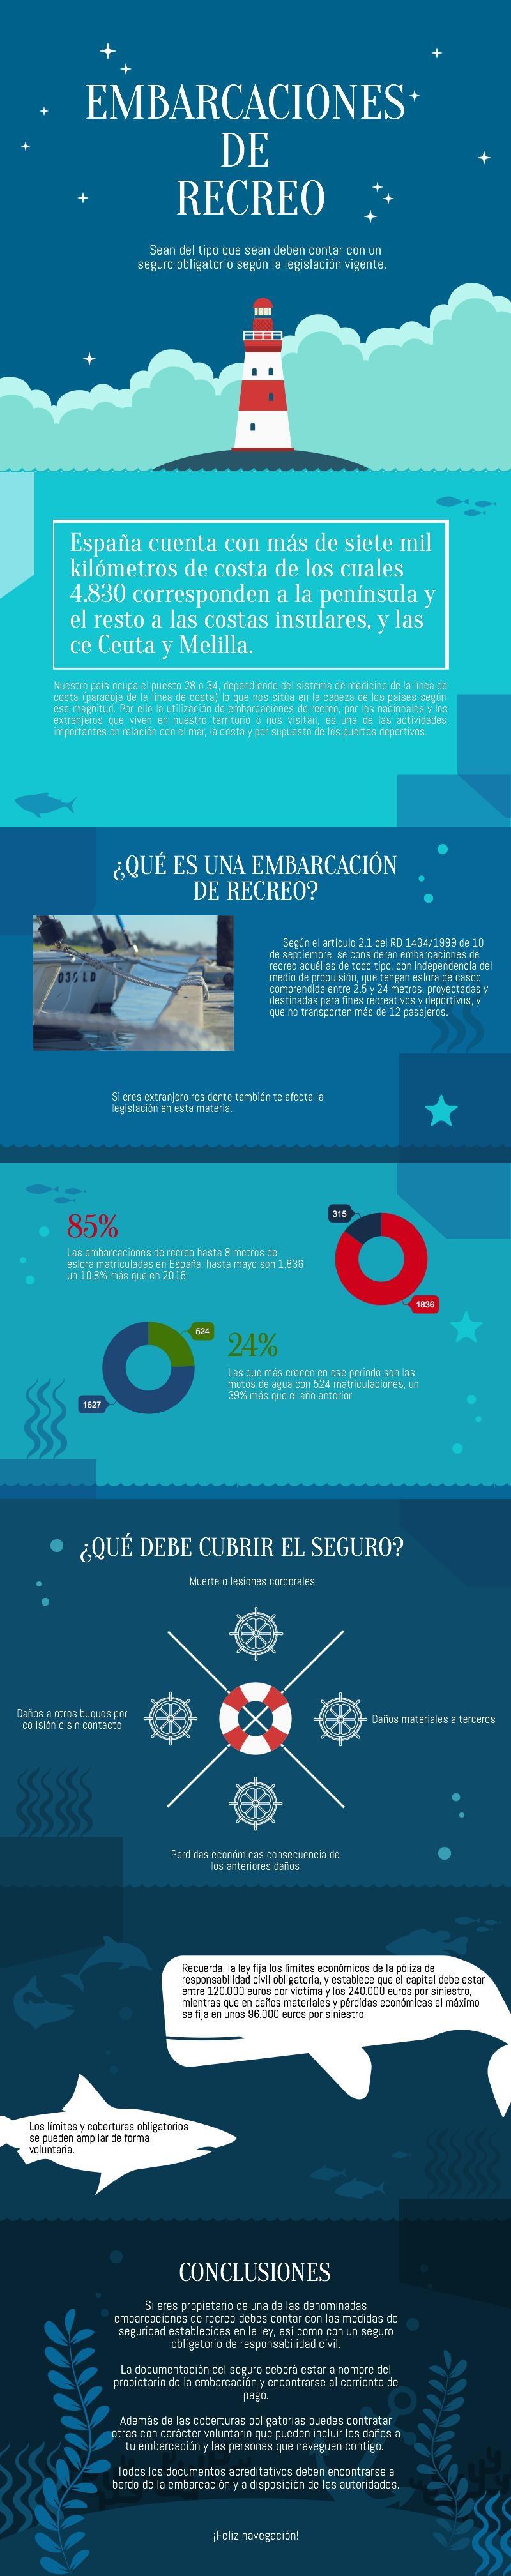 Infografía: Seguros para embarcaciones de recreo